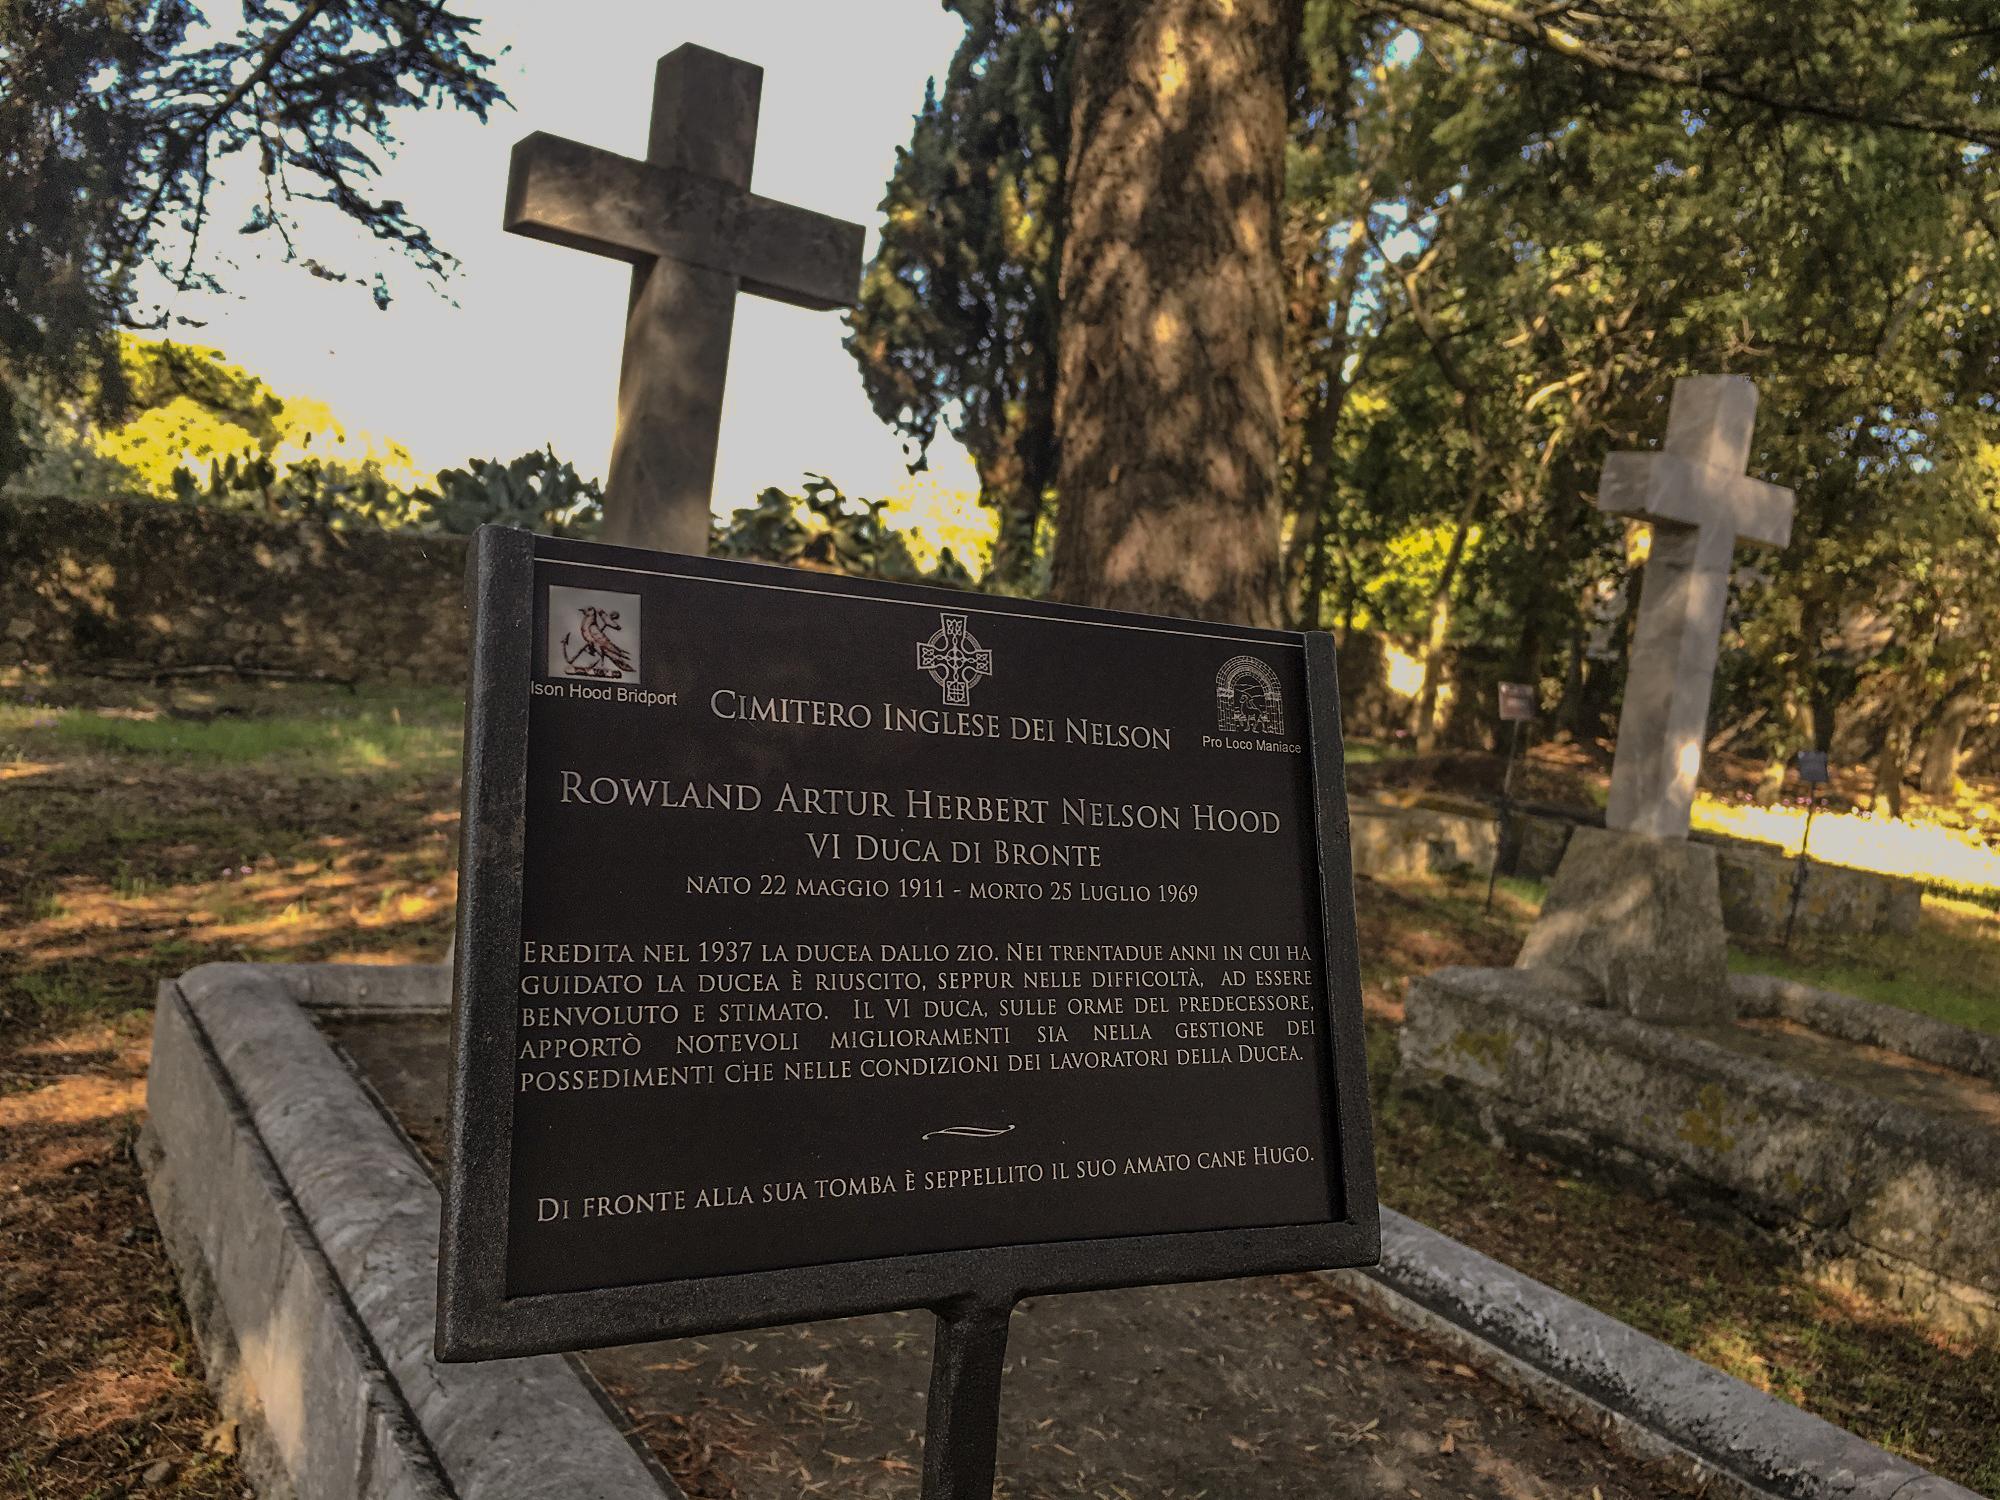 Cimitero-Inglese-dei-Nelson-Maniace-1